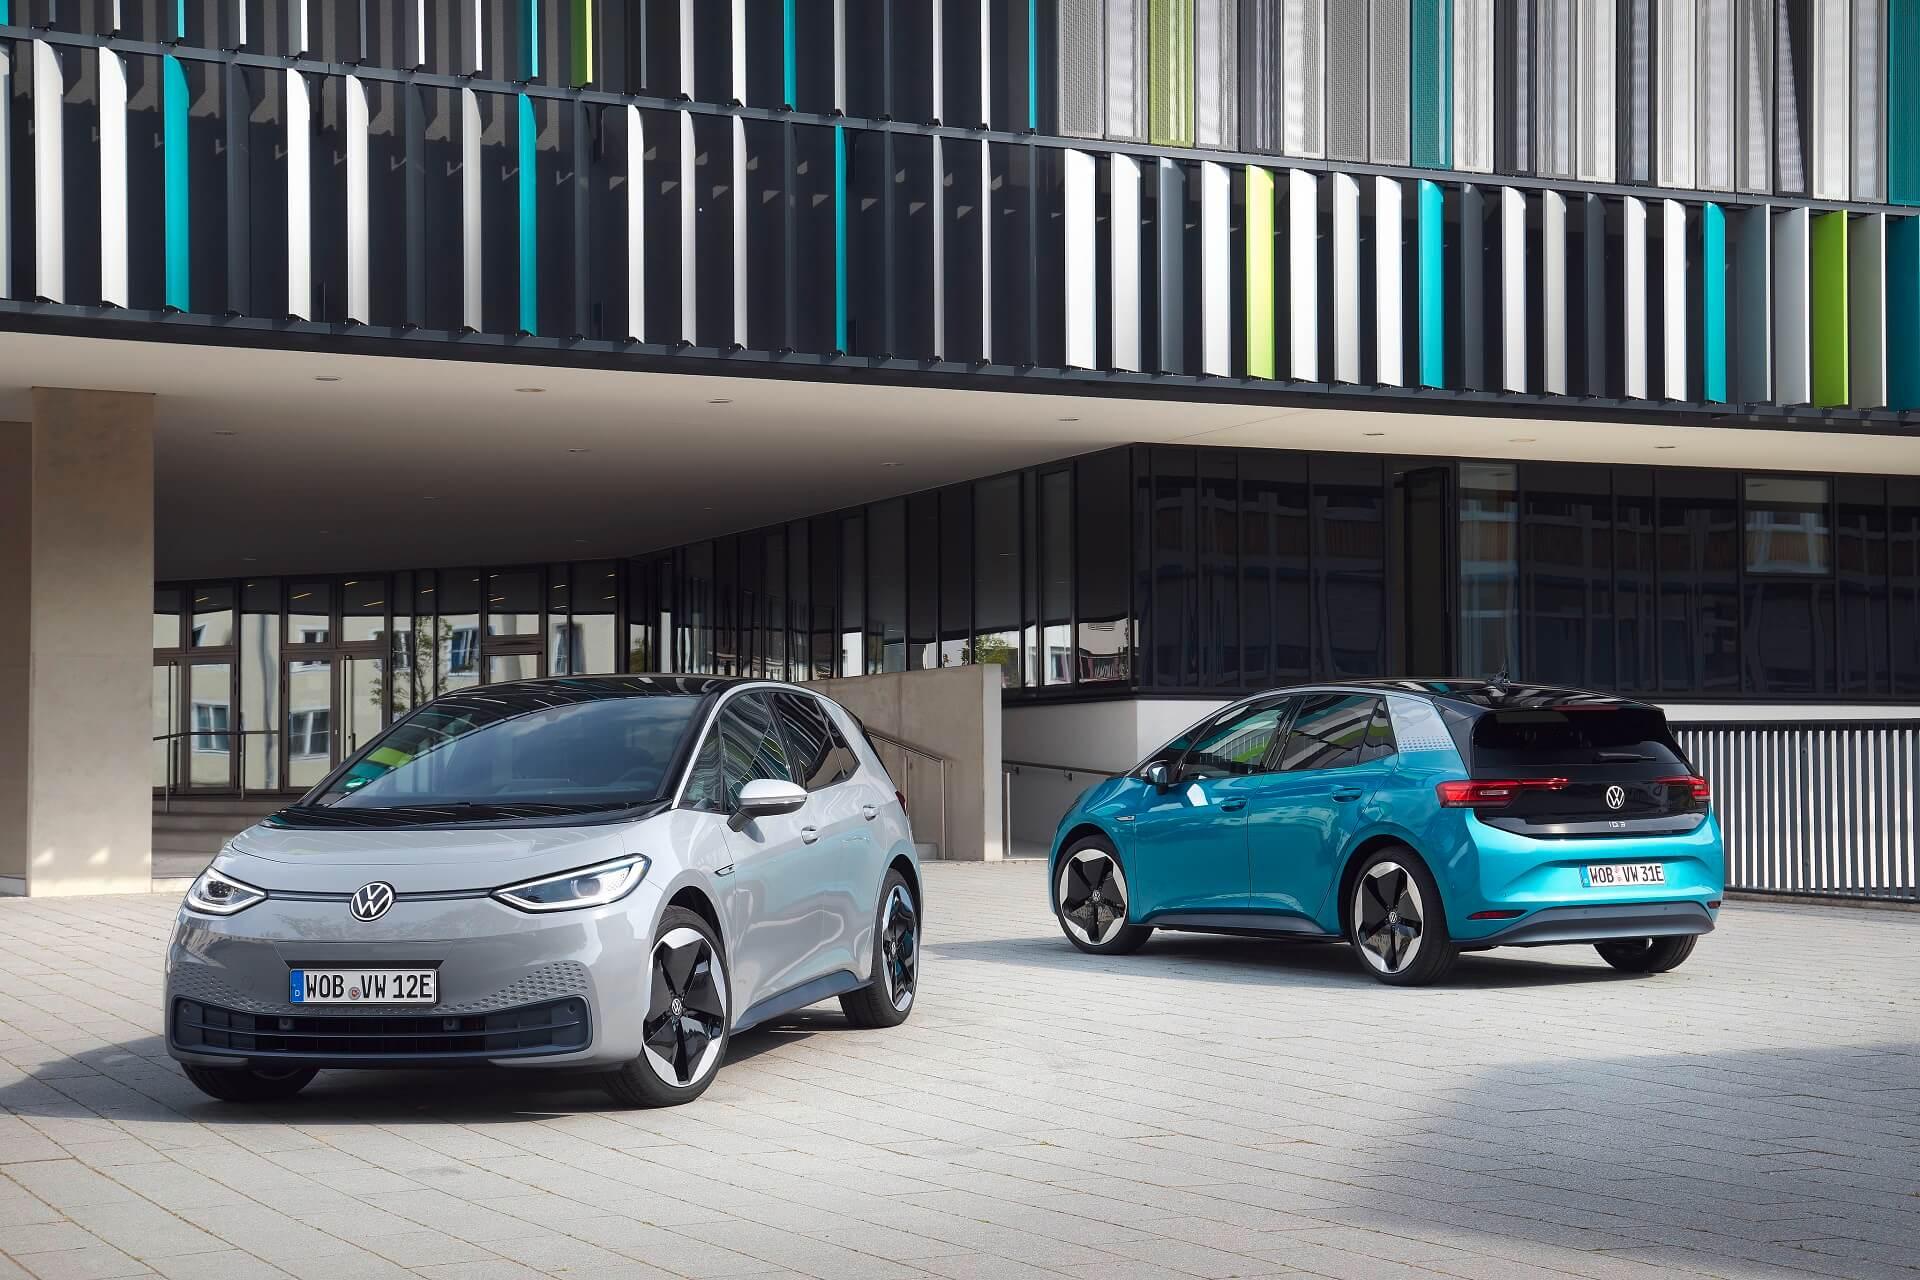 VW ID.3 - Εξωτερικά χρώματα και πακέτα στυλ